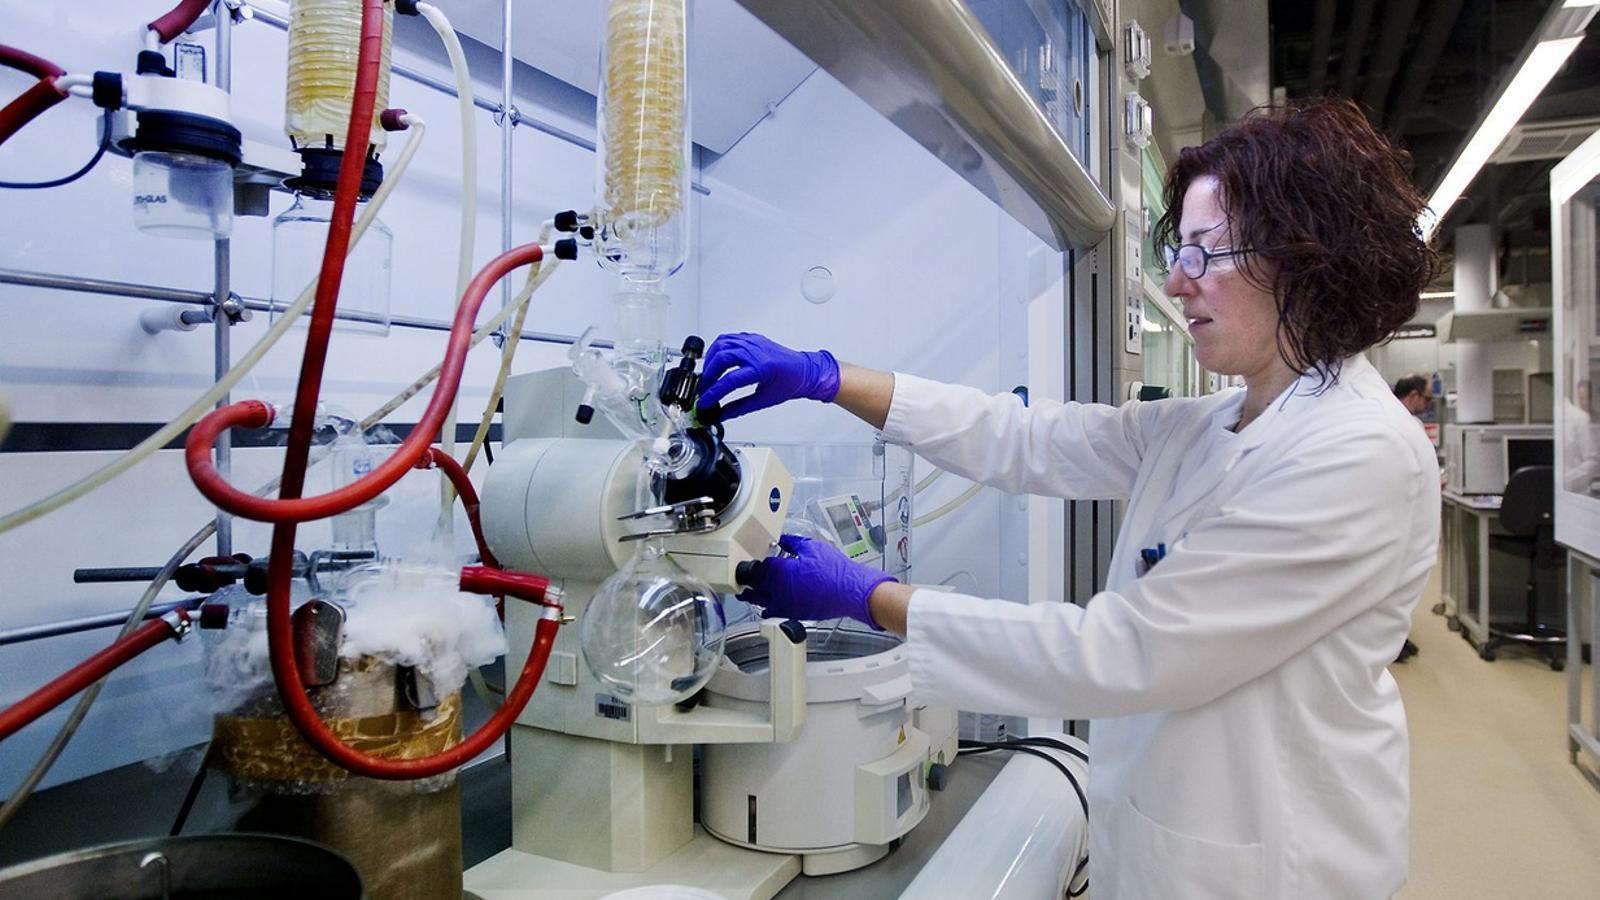 La indústria farmacèutica va rebutjar un pla europeu per investigar patògens com el coronavirus